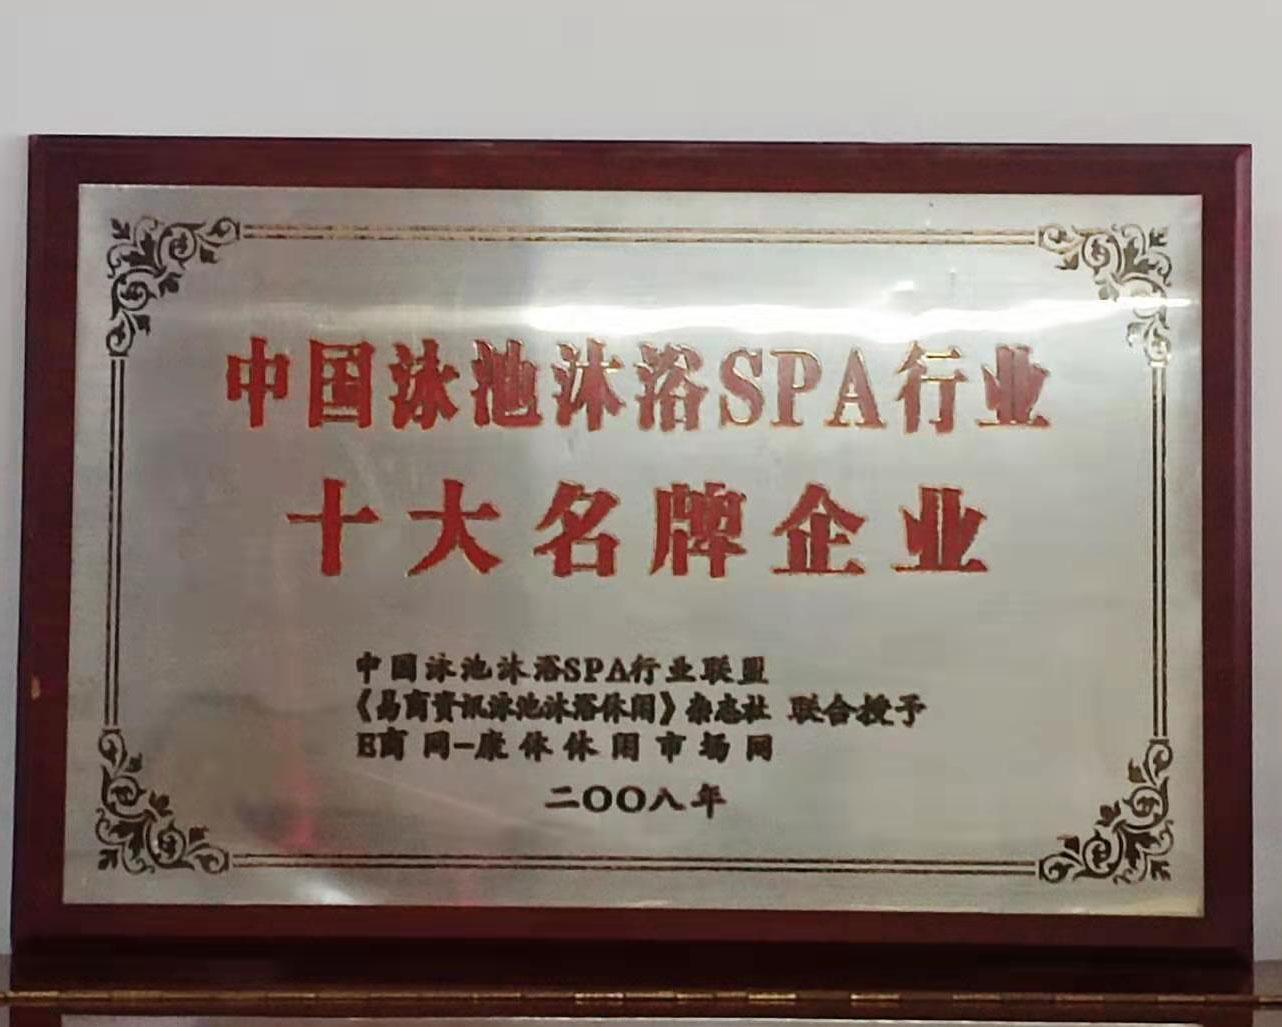 中国泳池沐浴SPA行业十大有名企业证书